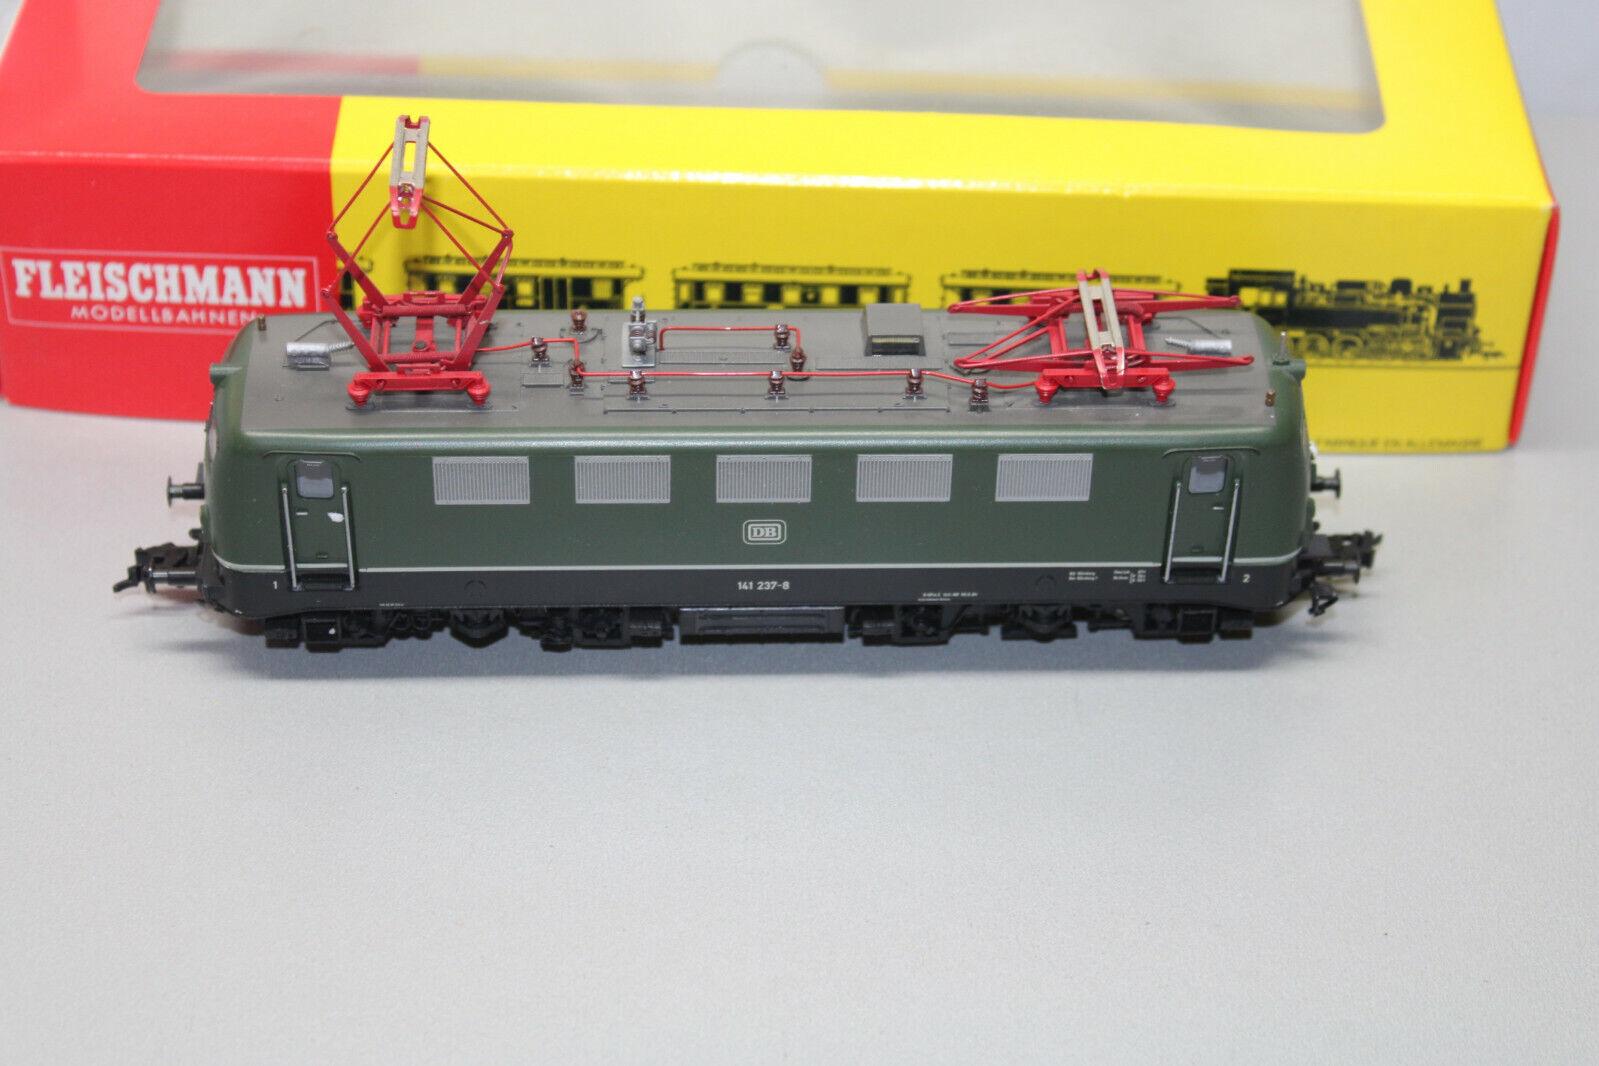 Fleischmann 1326 elok serie 141 237-8 DB verde corriente alterna Spur h0 OVP